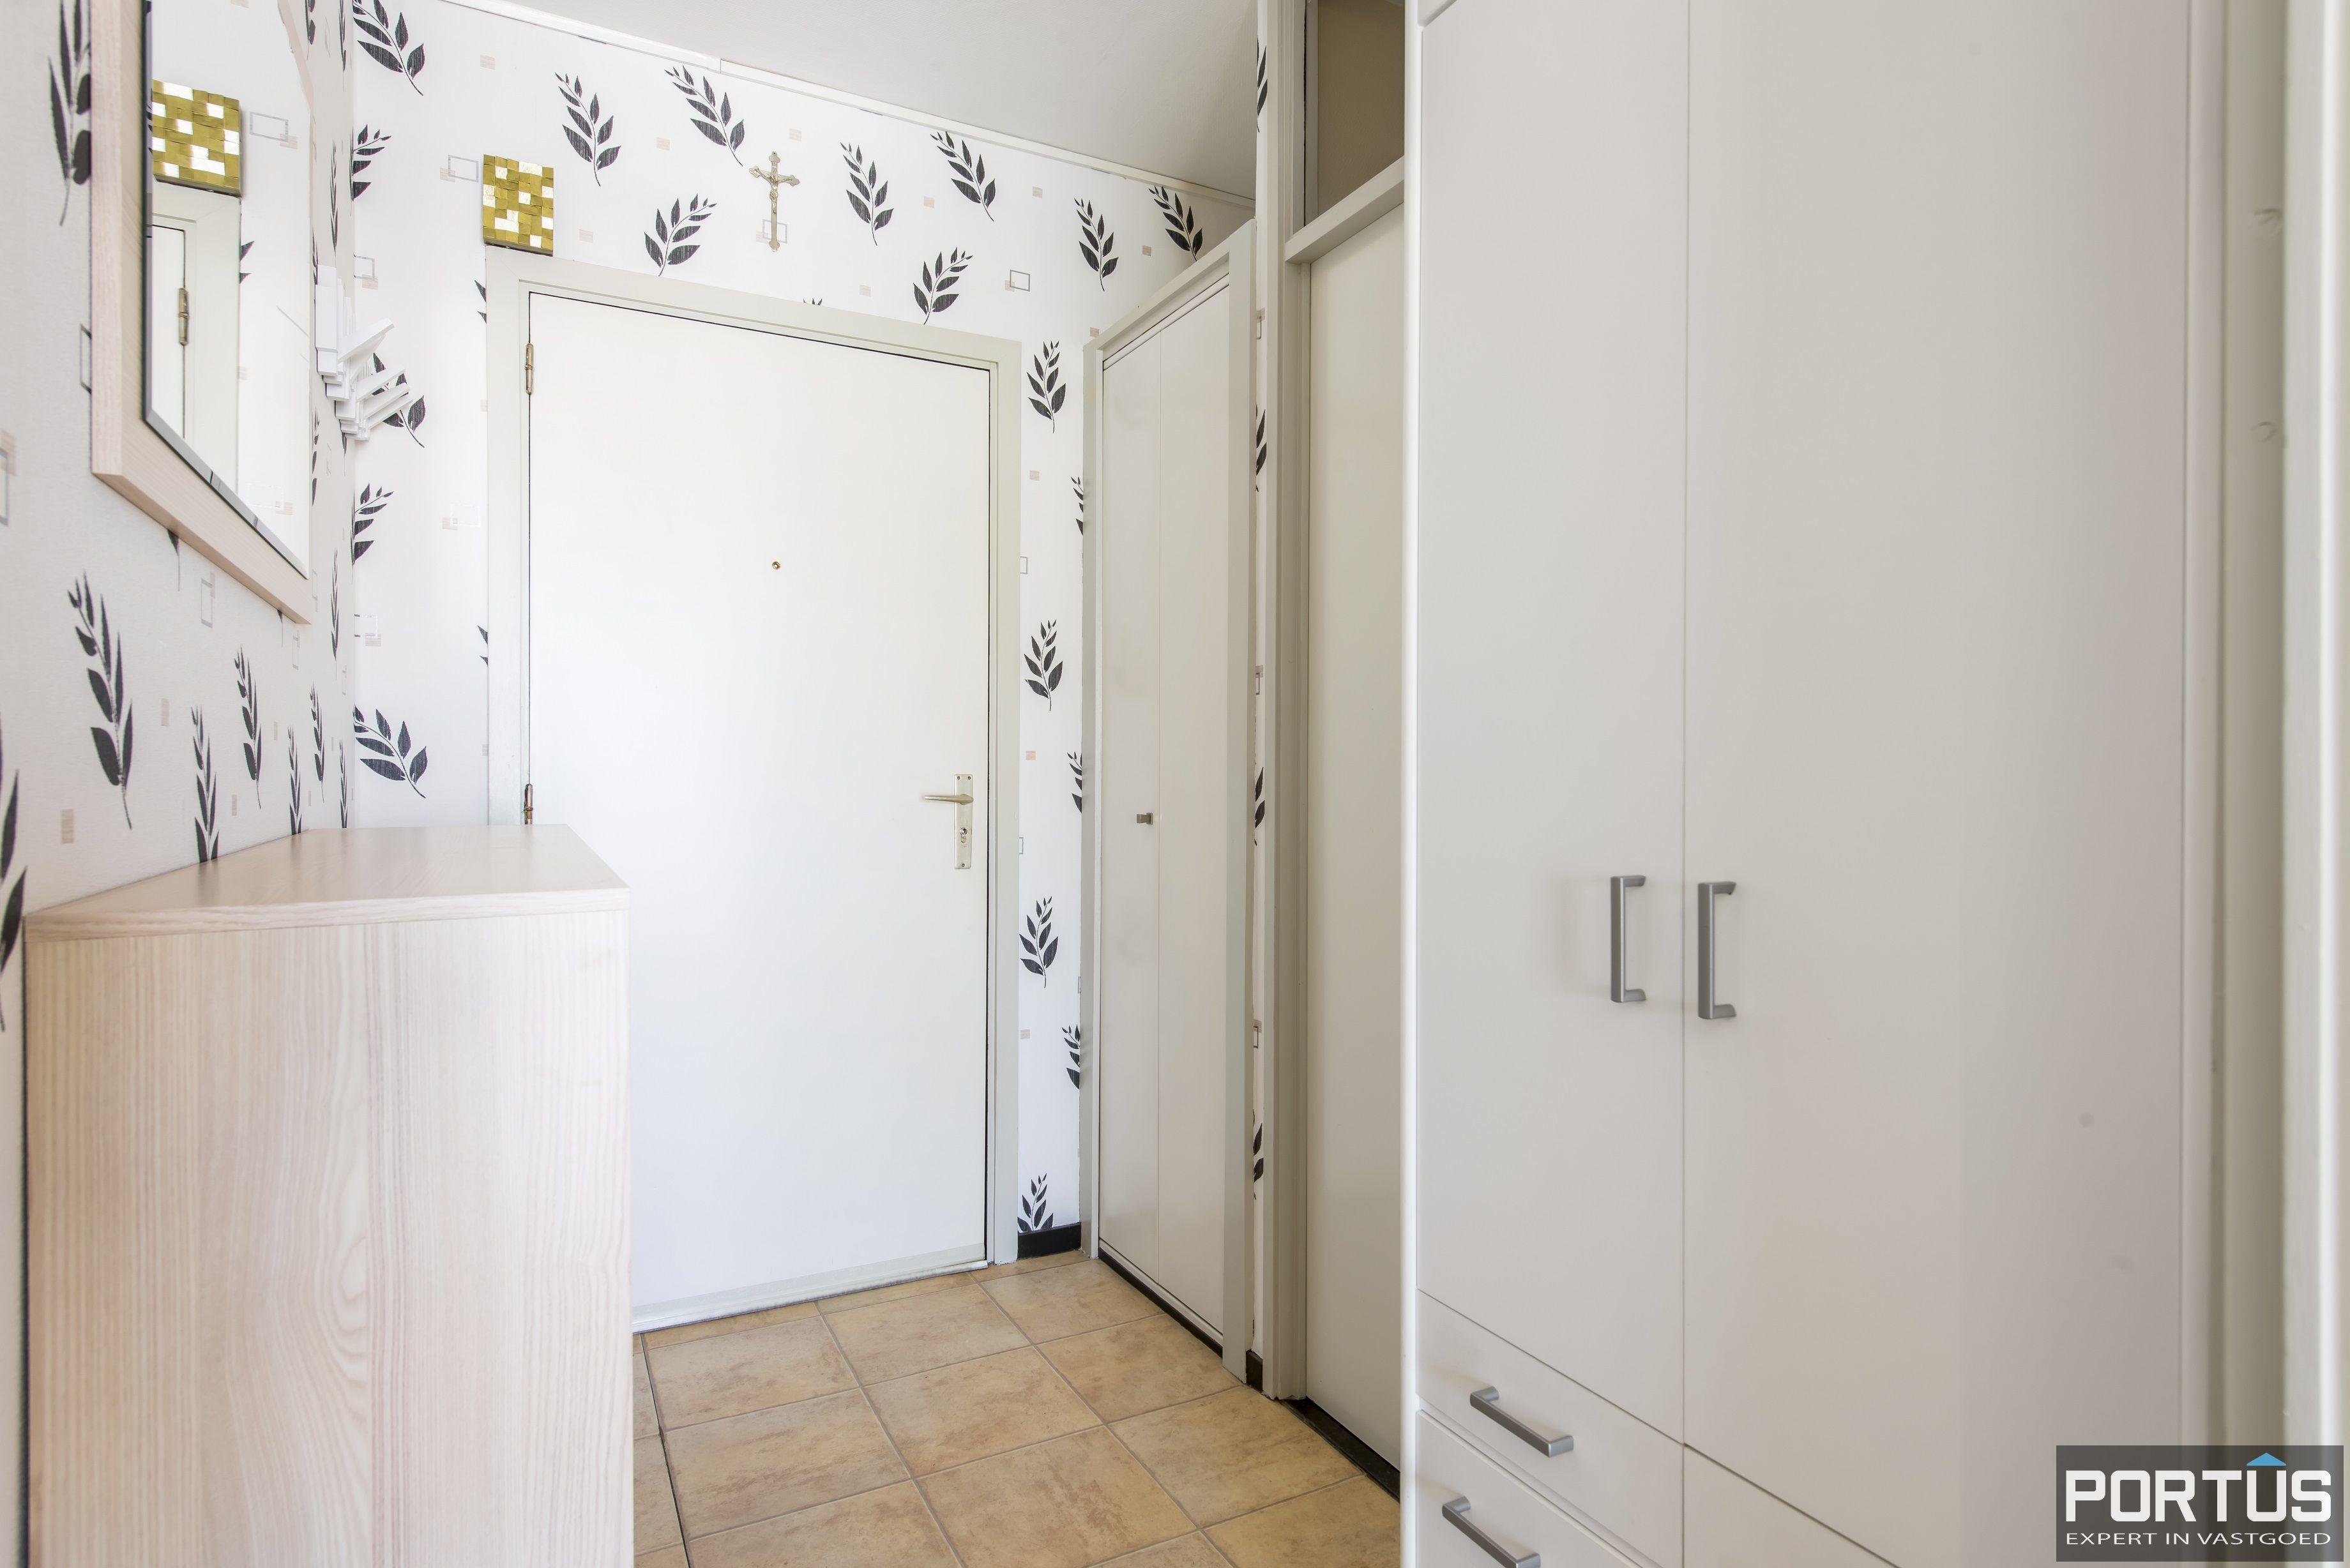 Instapklaar 1 slaapkamer appartement met ruim terras met zijdelings zeezicht te koop - 9543